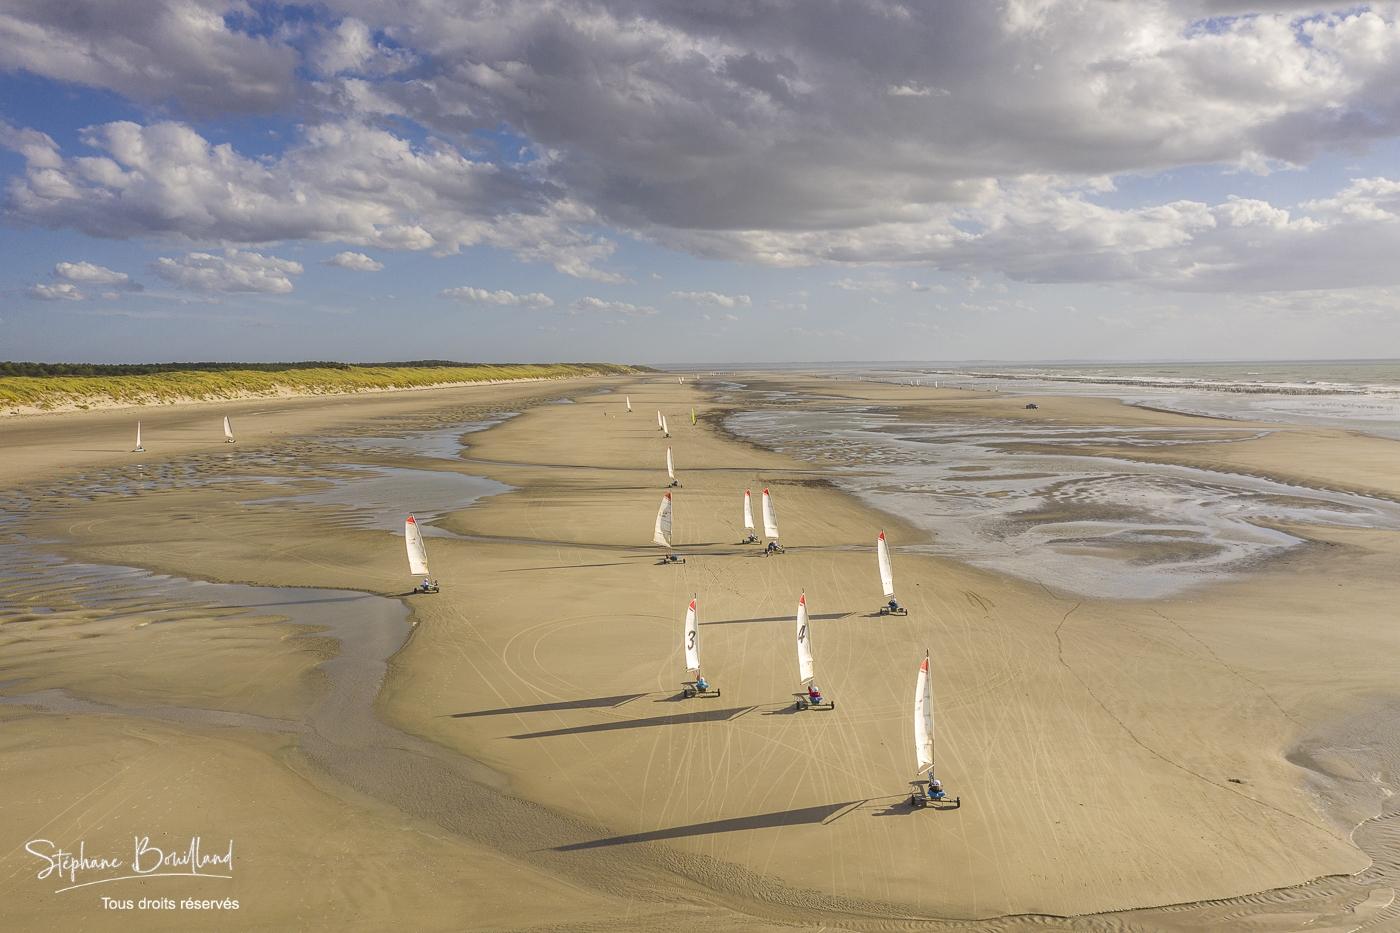 France, Somme (80), Baie de Somme, Quend-Plage, Les chars-à-voile sur la plage de Quend (vue aérienne) // France, Somme (80), Bay of the Somme, Quend-Plage, sand yachts on Quend Beach (aerial view)